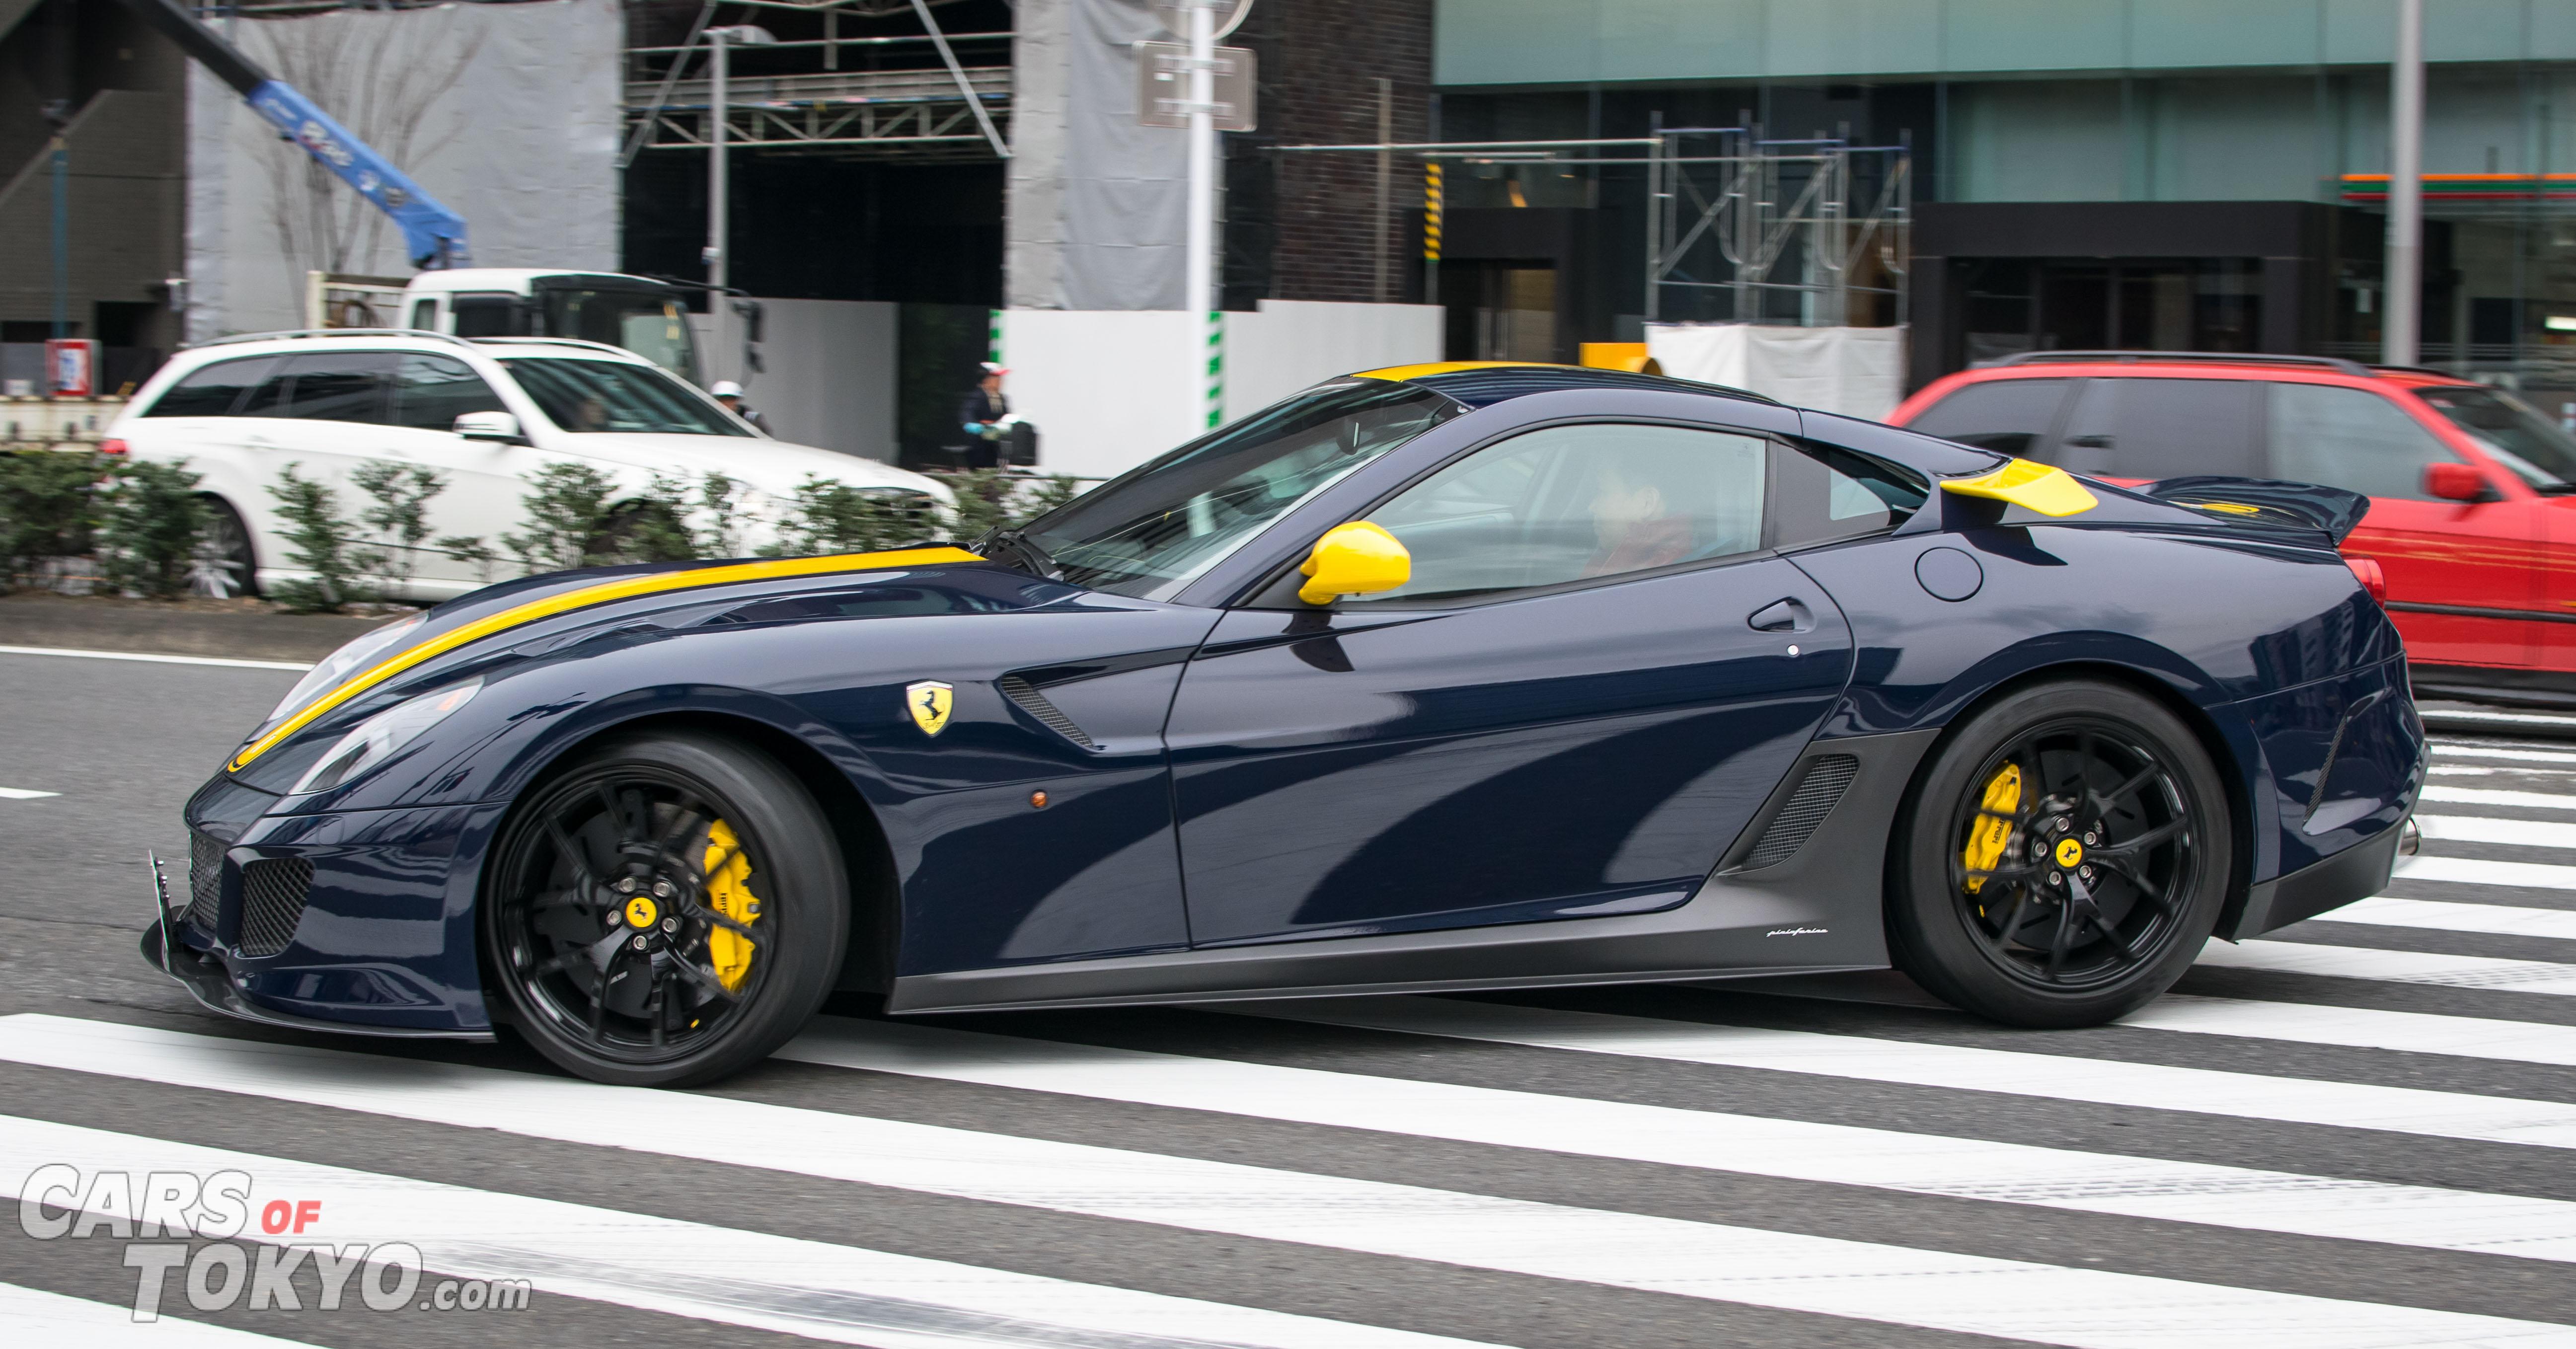 Cars of Tokyo Clean Ferrari 599 GTO